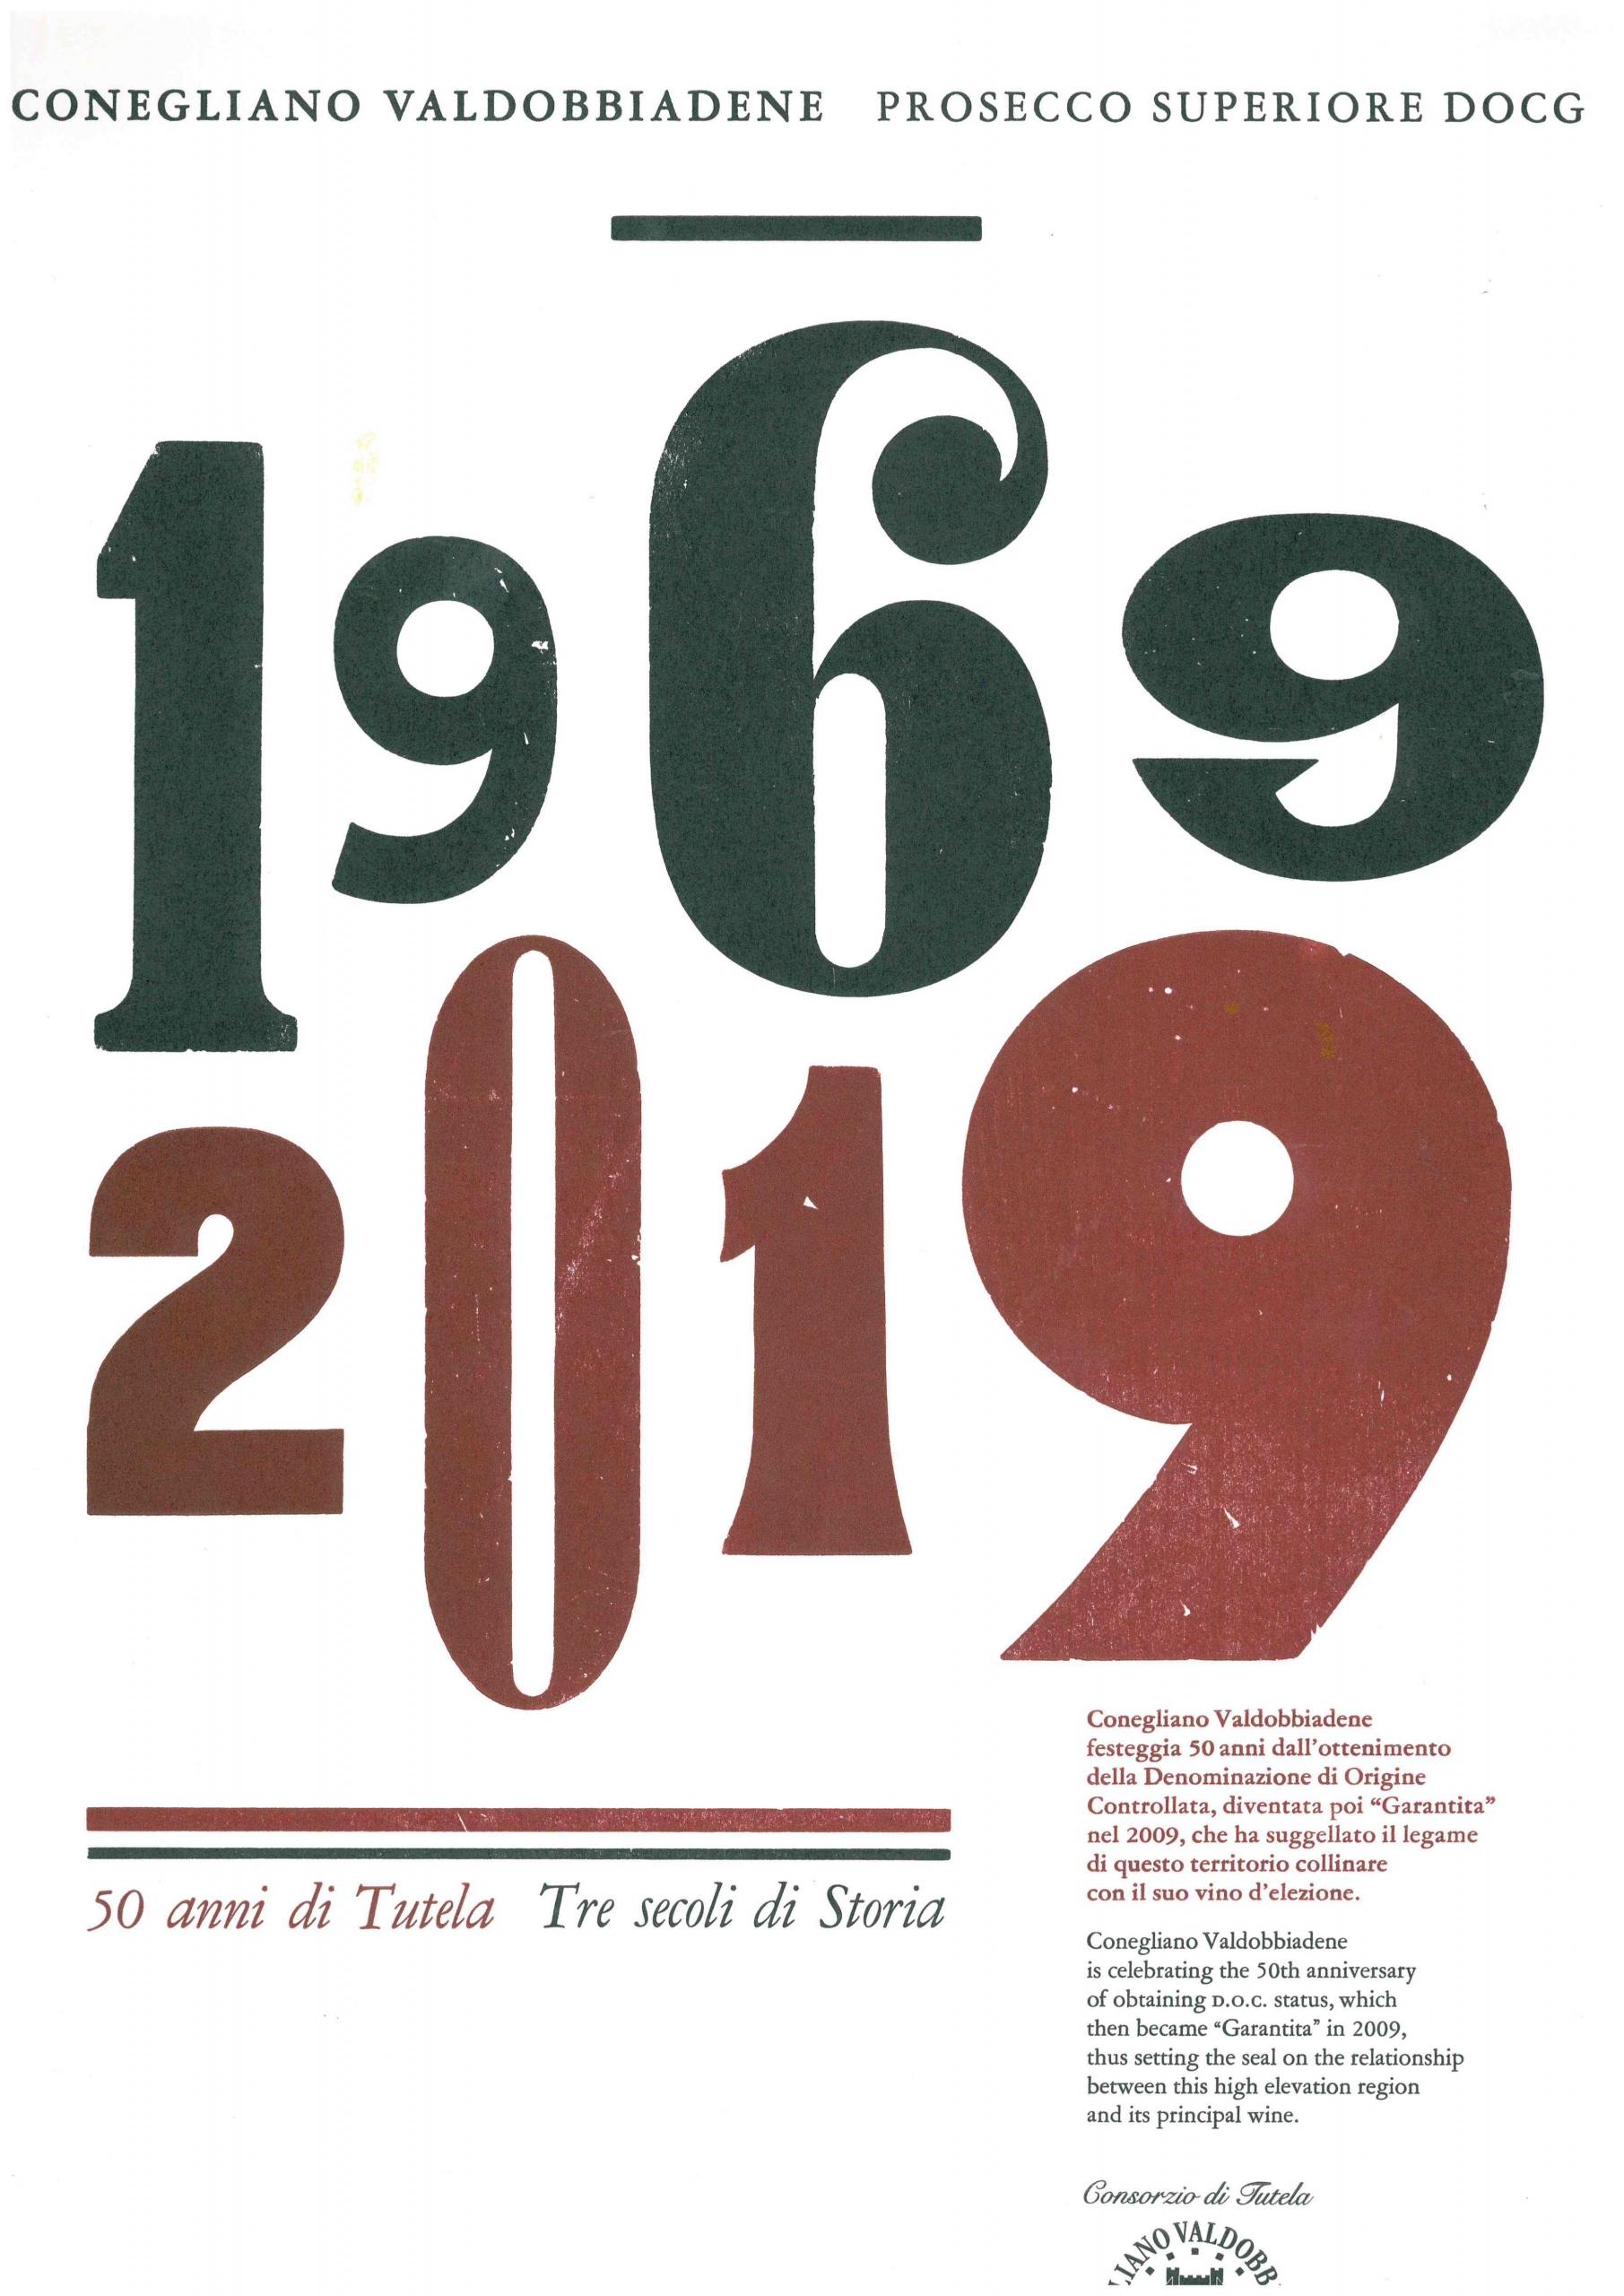 50 anni di tutela 1969-2019, Consorzio Conegliano Valdobbiadene Prosecco Superiore